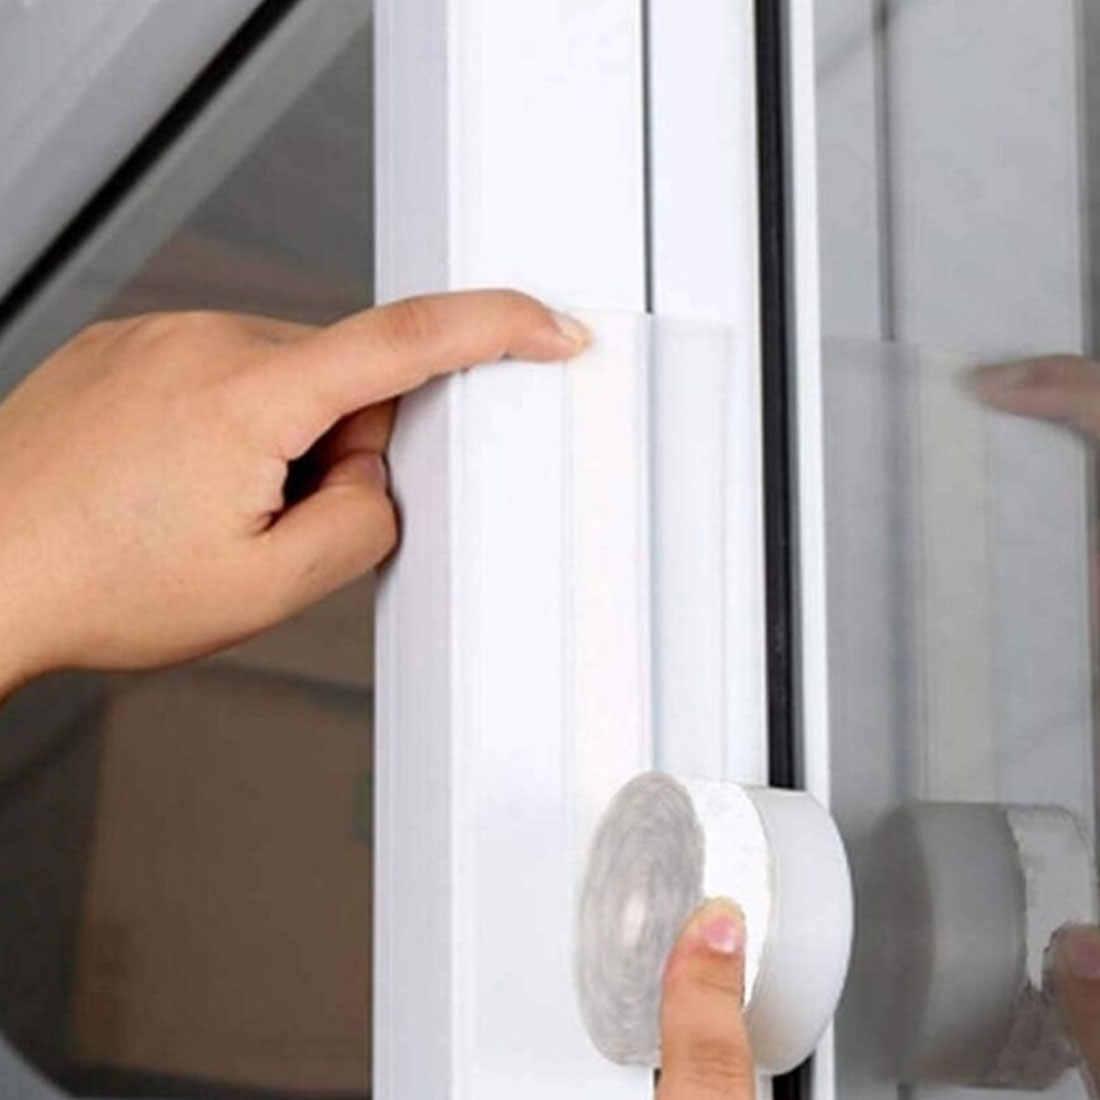 O długości 1 m dźwięku narzędzie do izolacji szklane okno modelu stali nierdzewnej drzwi uszczelki silikonowe ponad Bar przezroczyste 35 mm szerokość